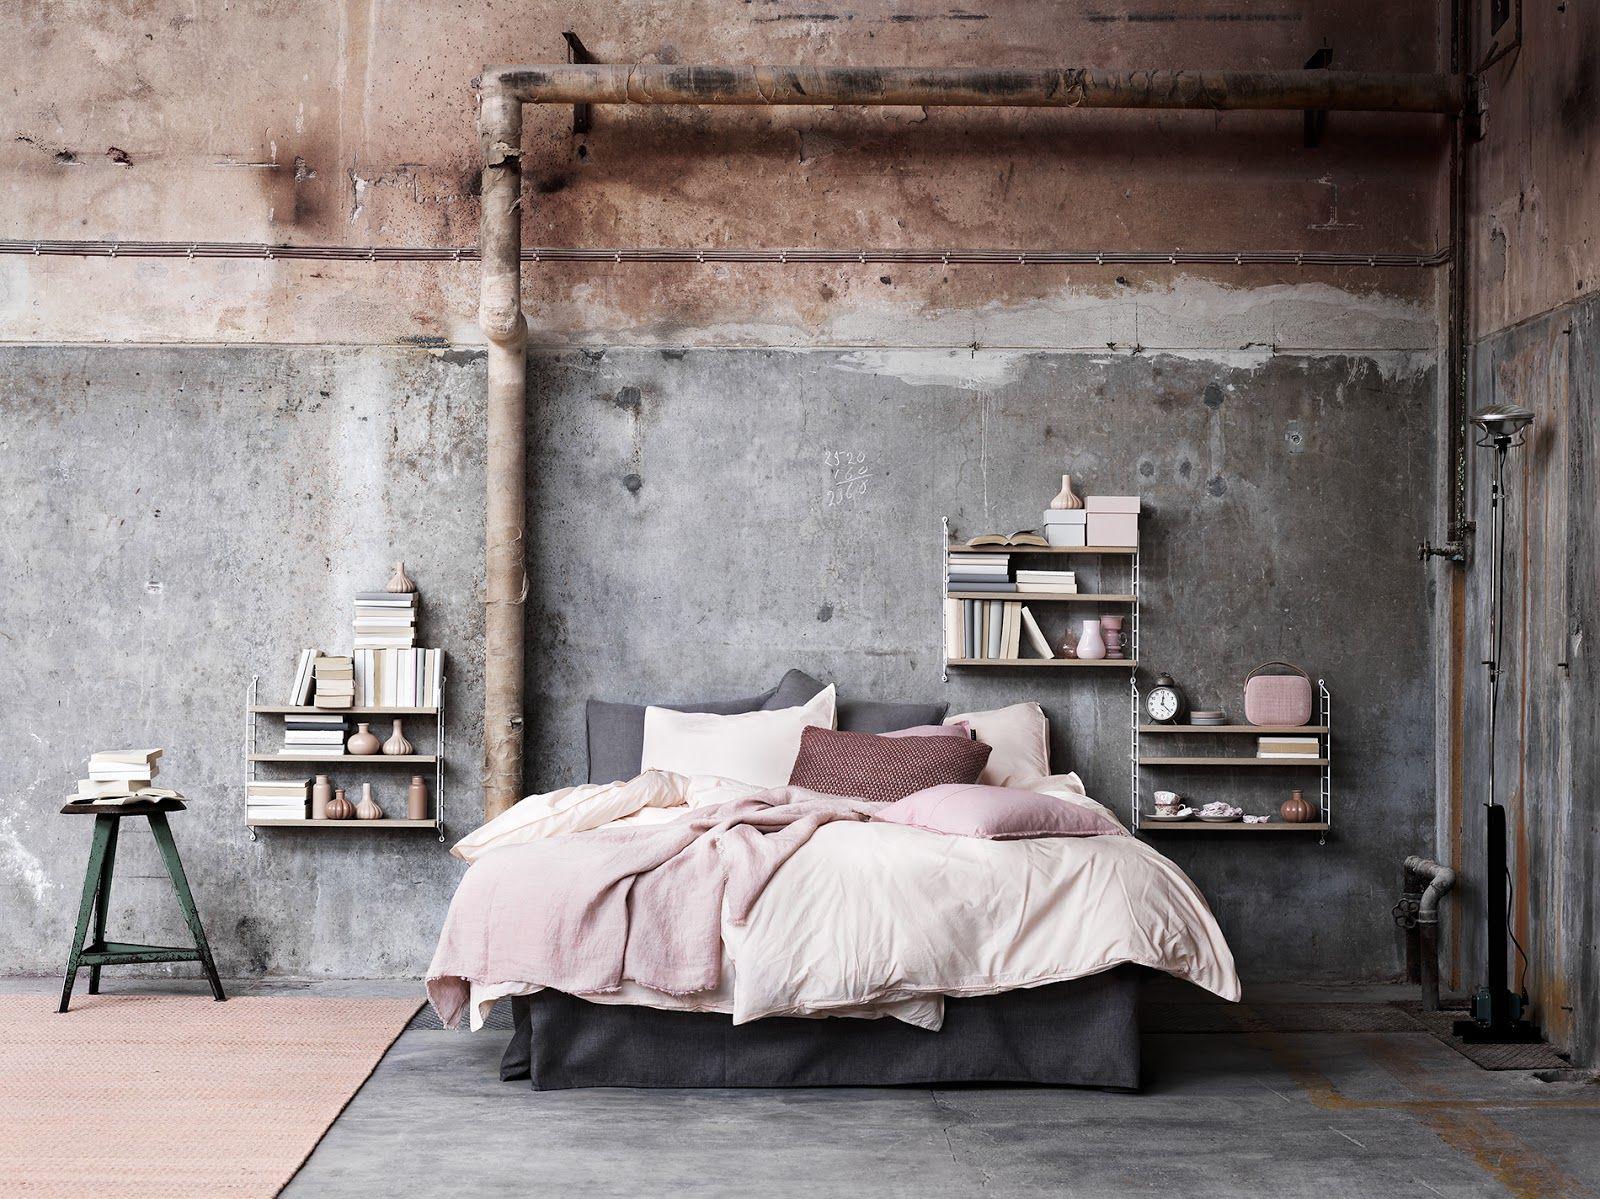 Industriele Slaapkamer Ideeen : Industriele slaapkamer ideeen mg a u fickstute